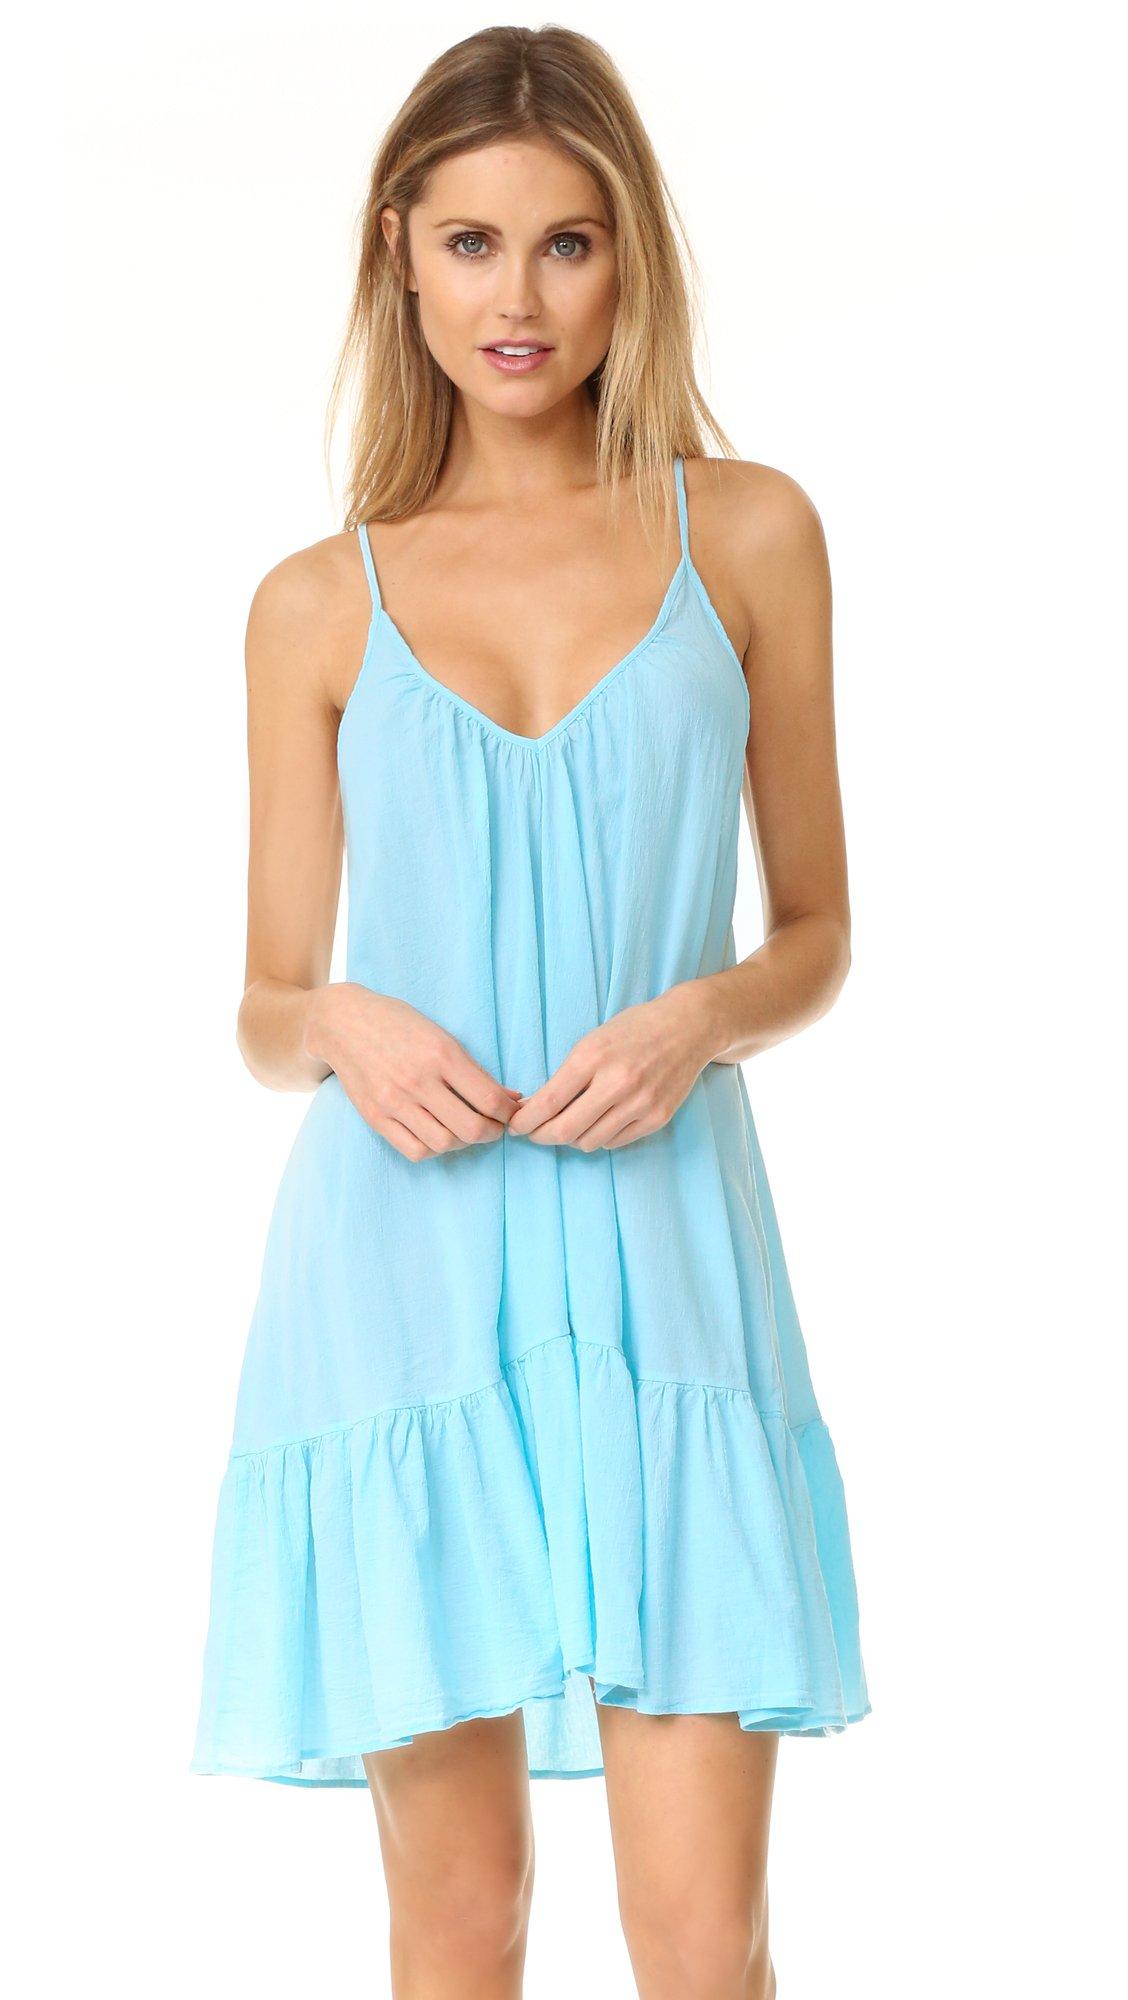 9seed Women's ST. Tropez Ruffle Mini Dress, Ocean, One Size